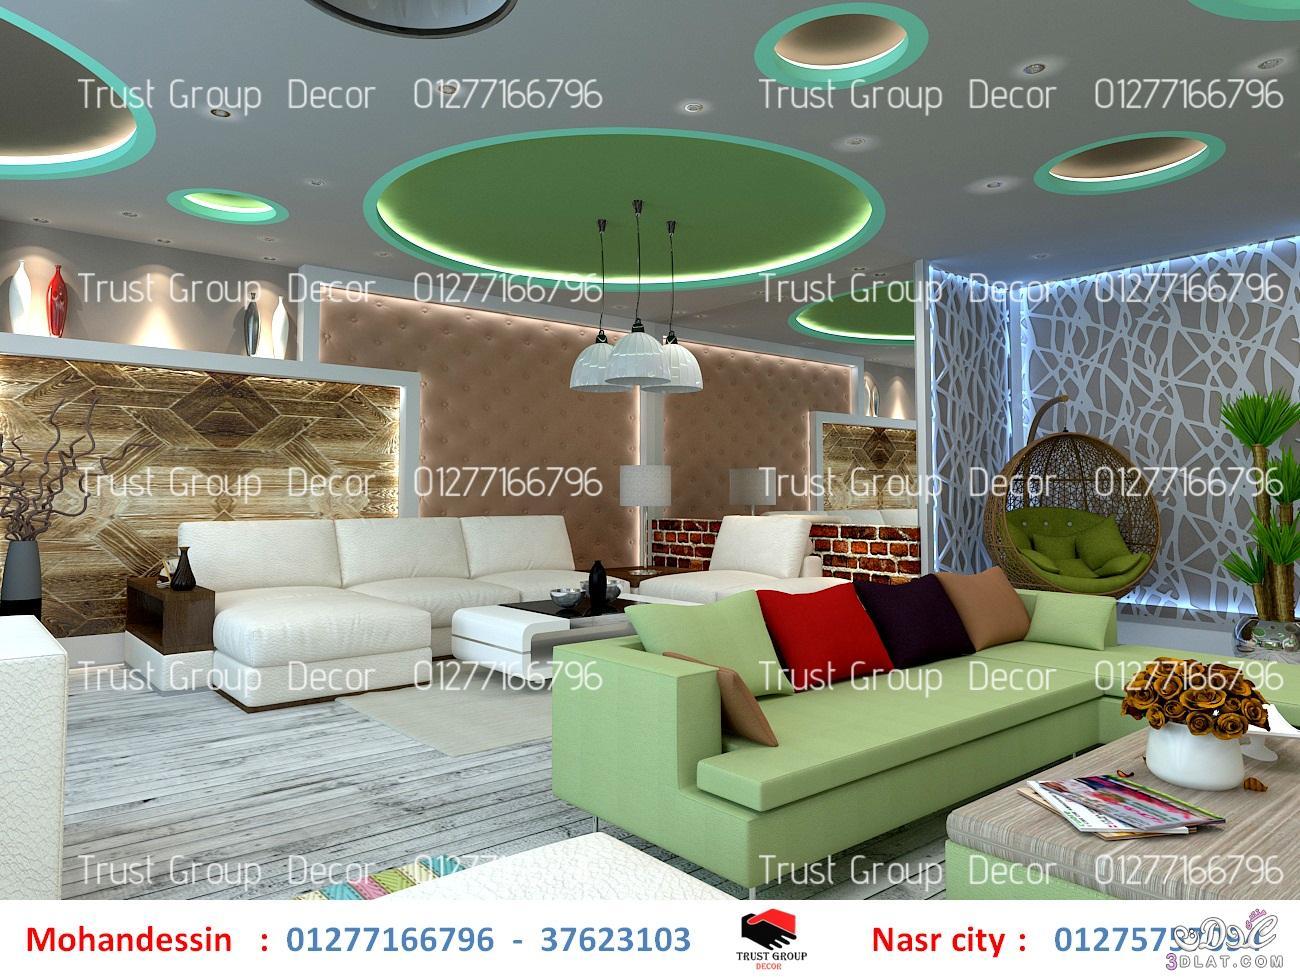 تصميمات ديكور فى الرحاب – شركة ديكور مصر ( للاتصال 01277166796